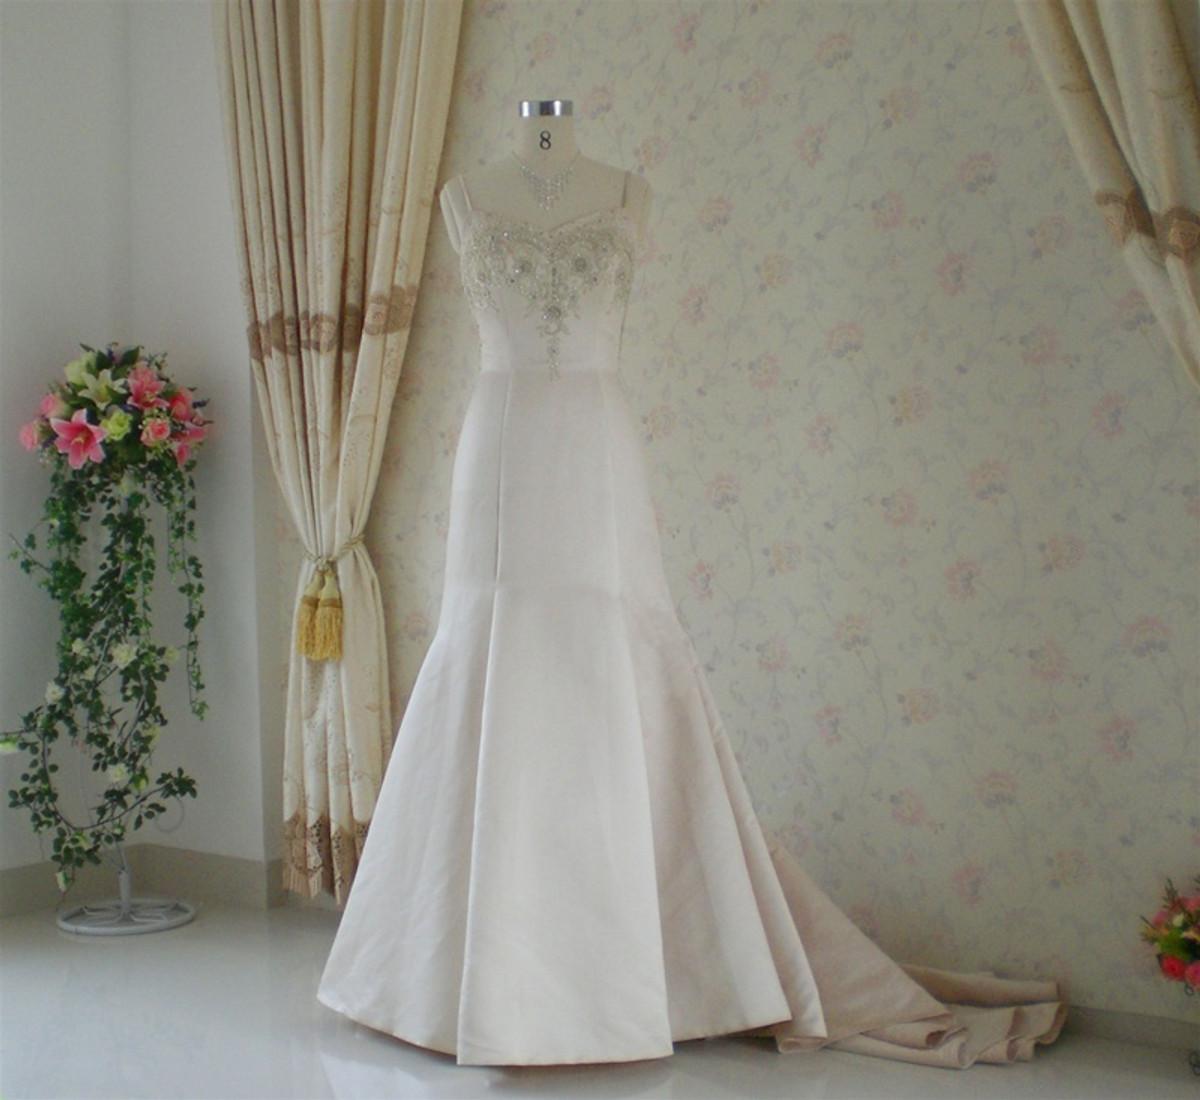 Vintage Inspired Wedding Dresses: Vintage Inspired Wedding Dress